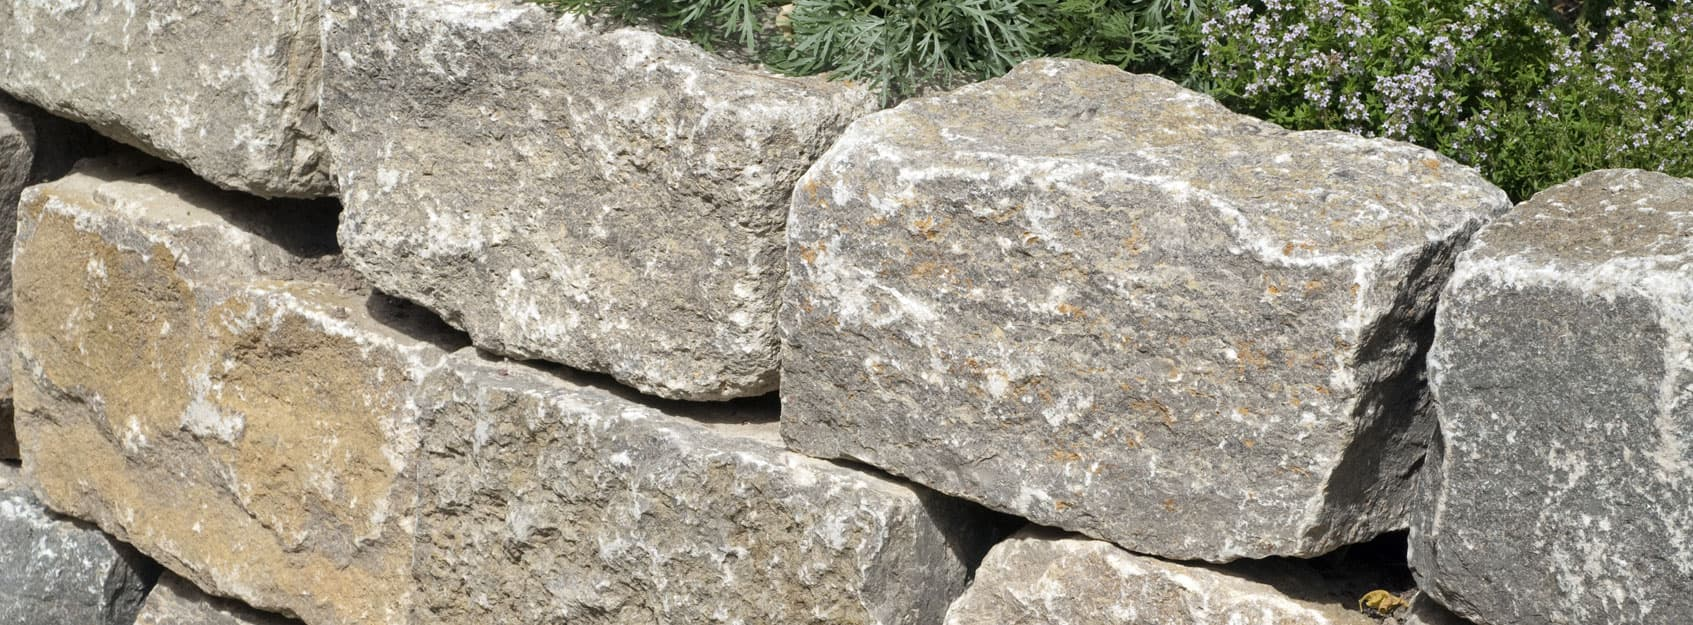 Muschelkalk Mauerstein